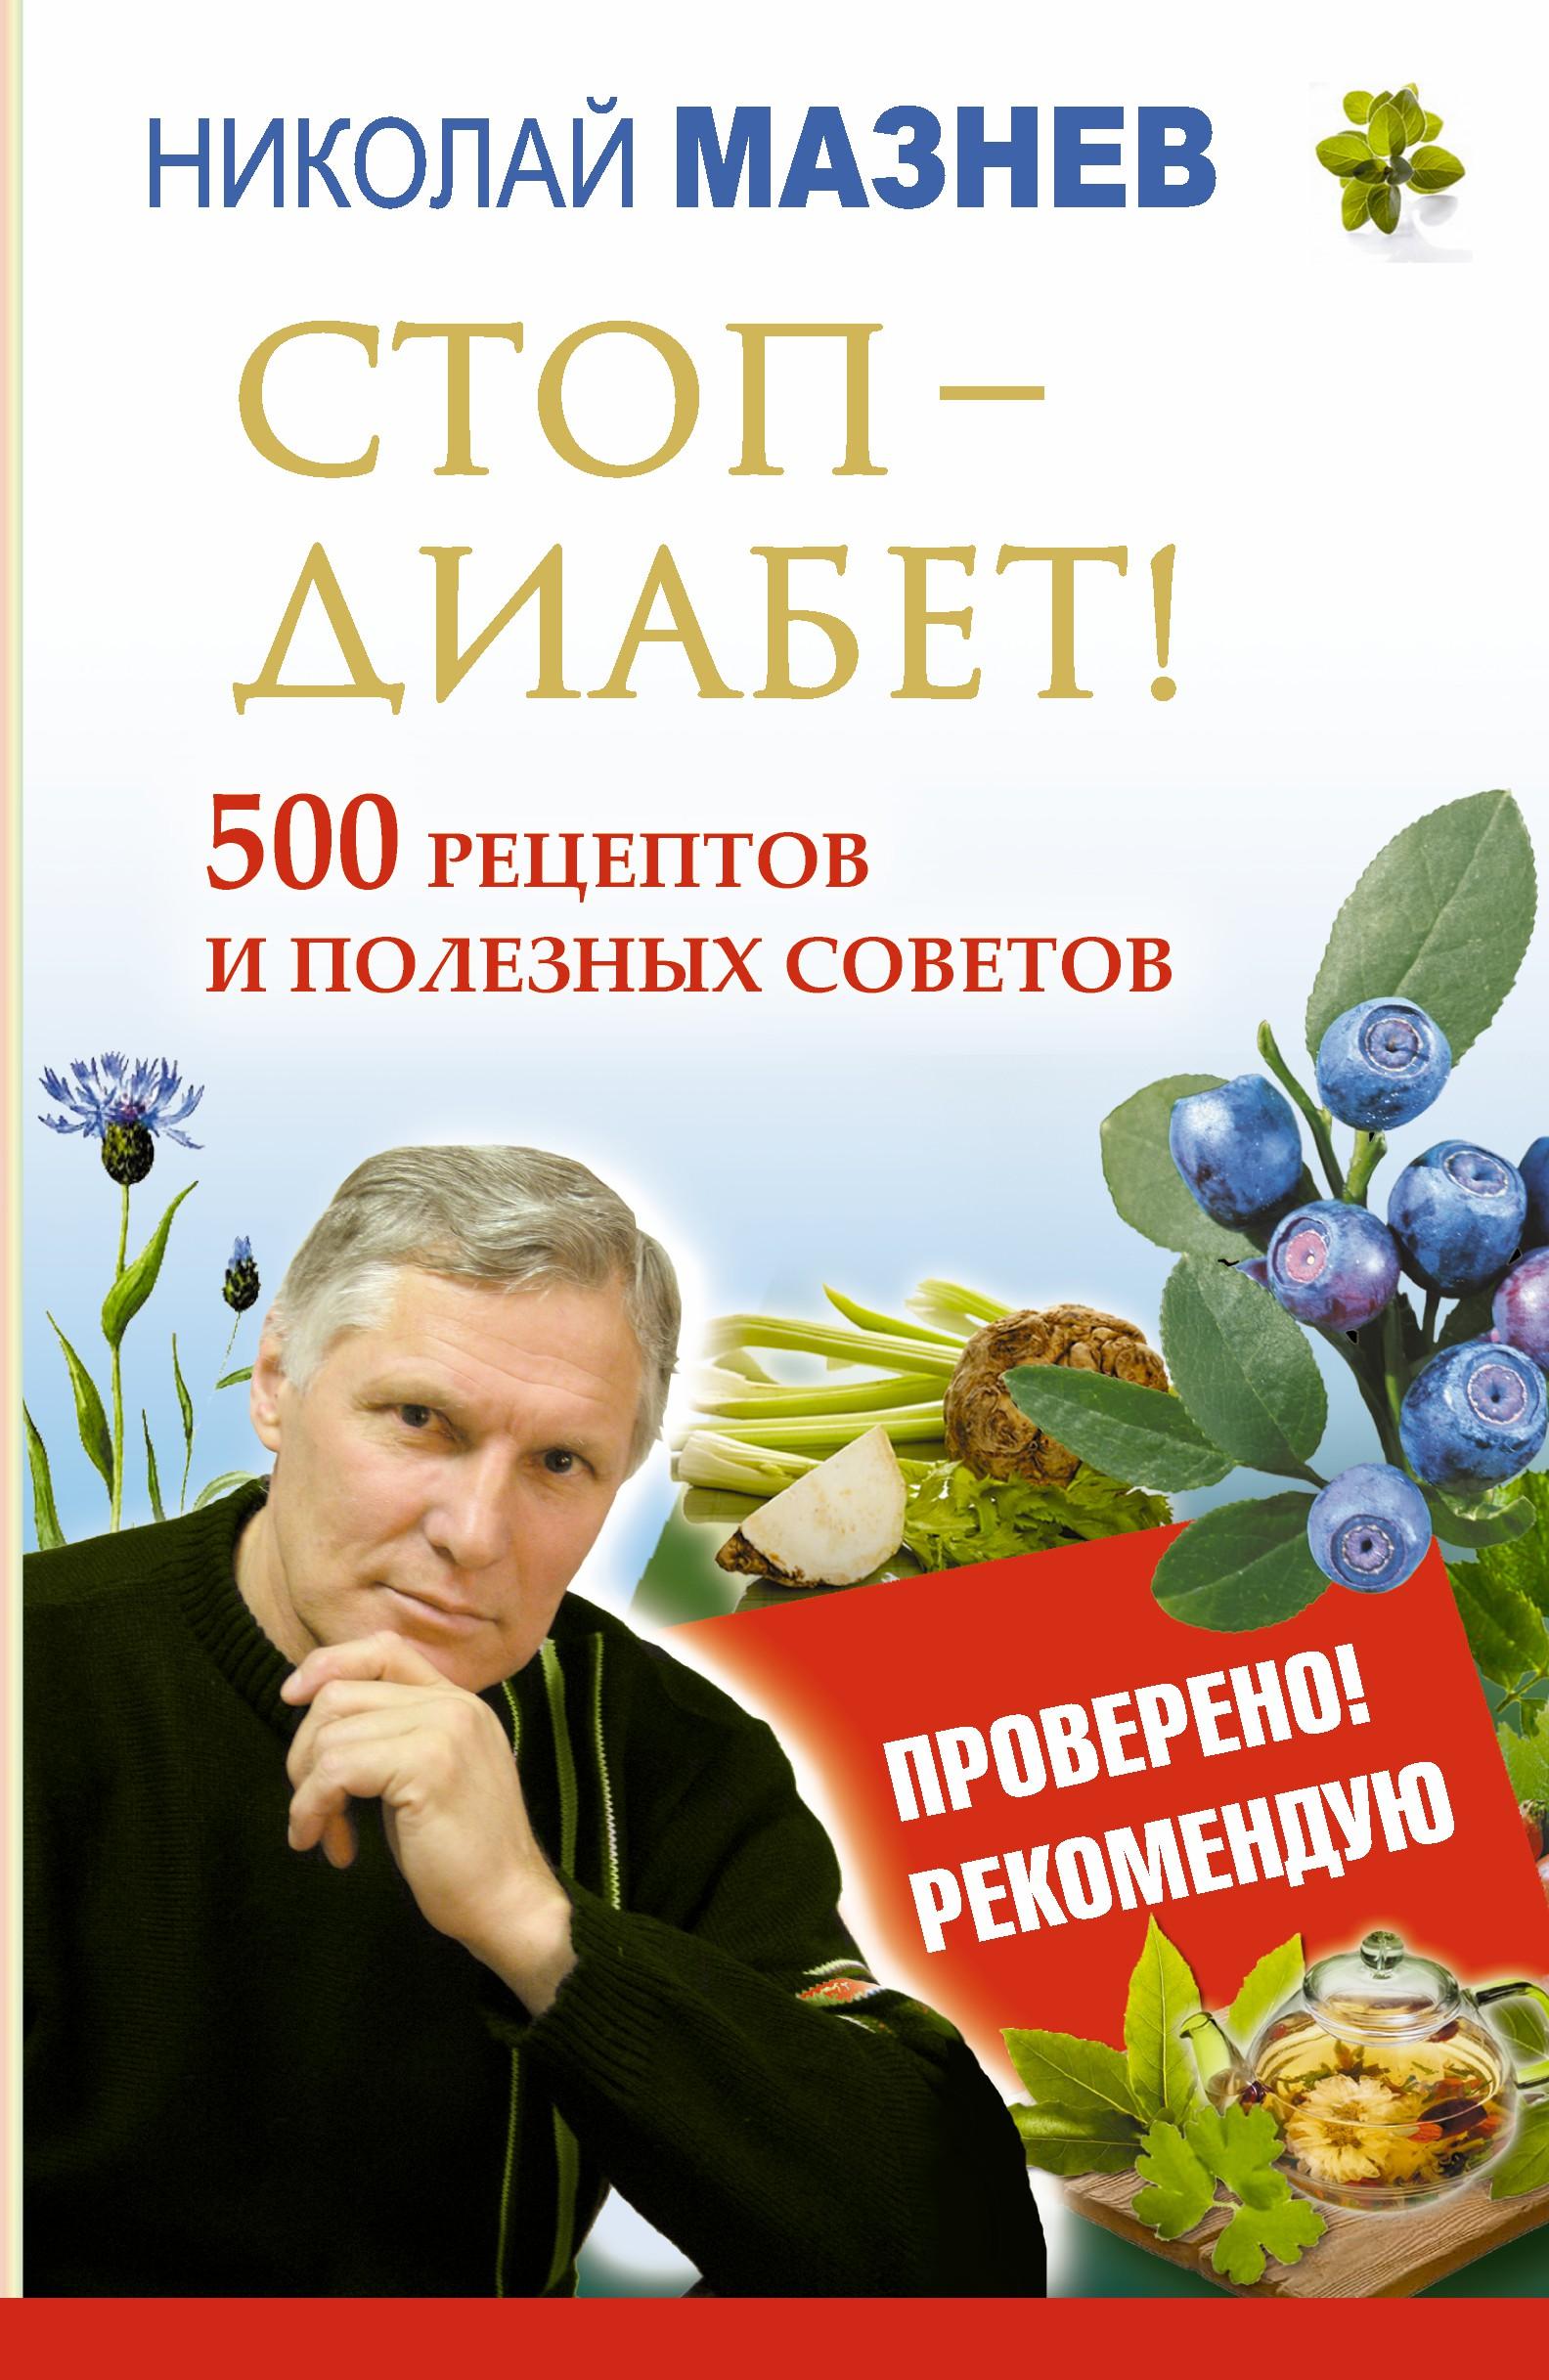 Мазнев Н.И. Стоп - Диабет! 500 рецептов и полезных советов 500 советов любителю мастерить